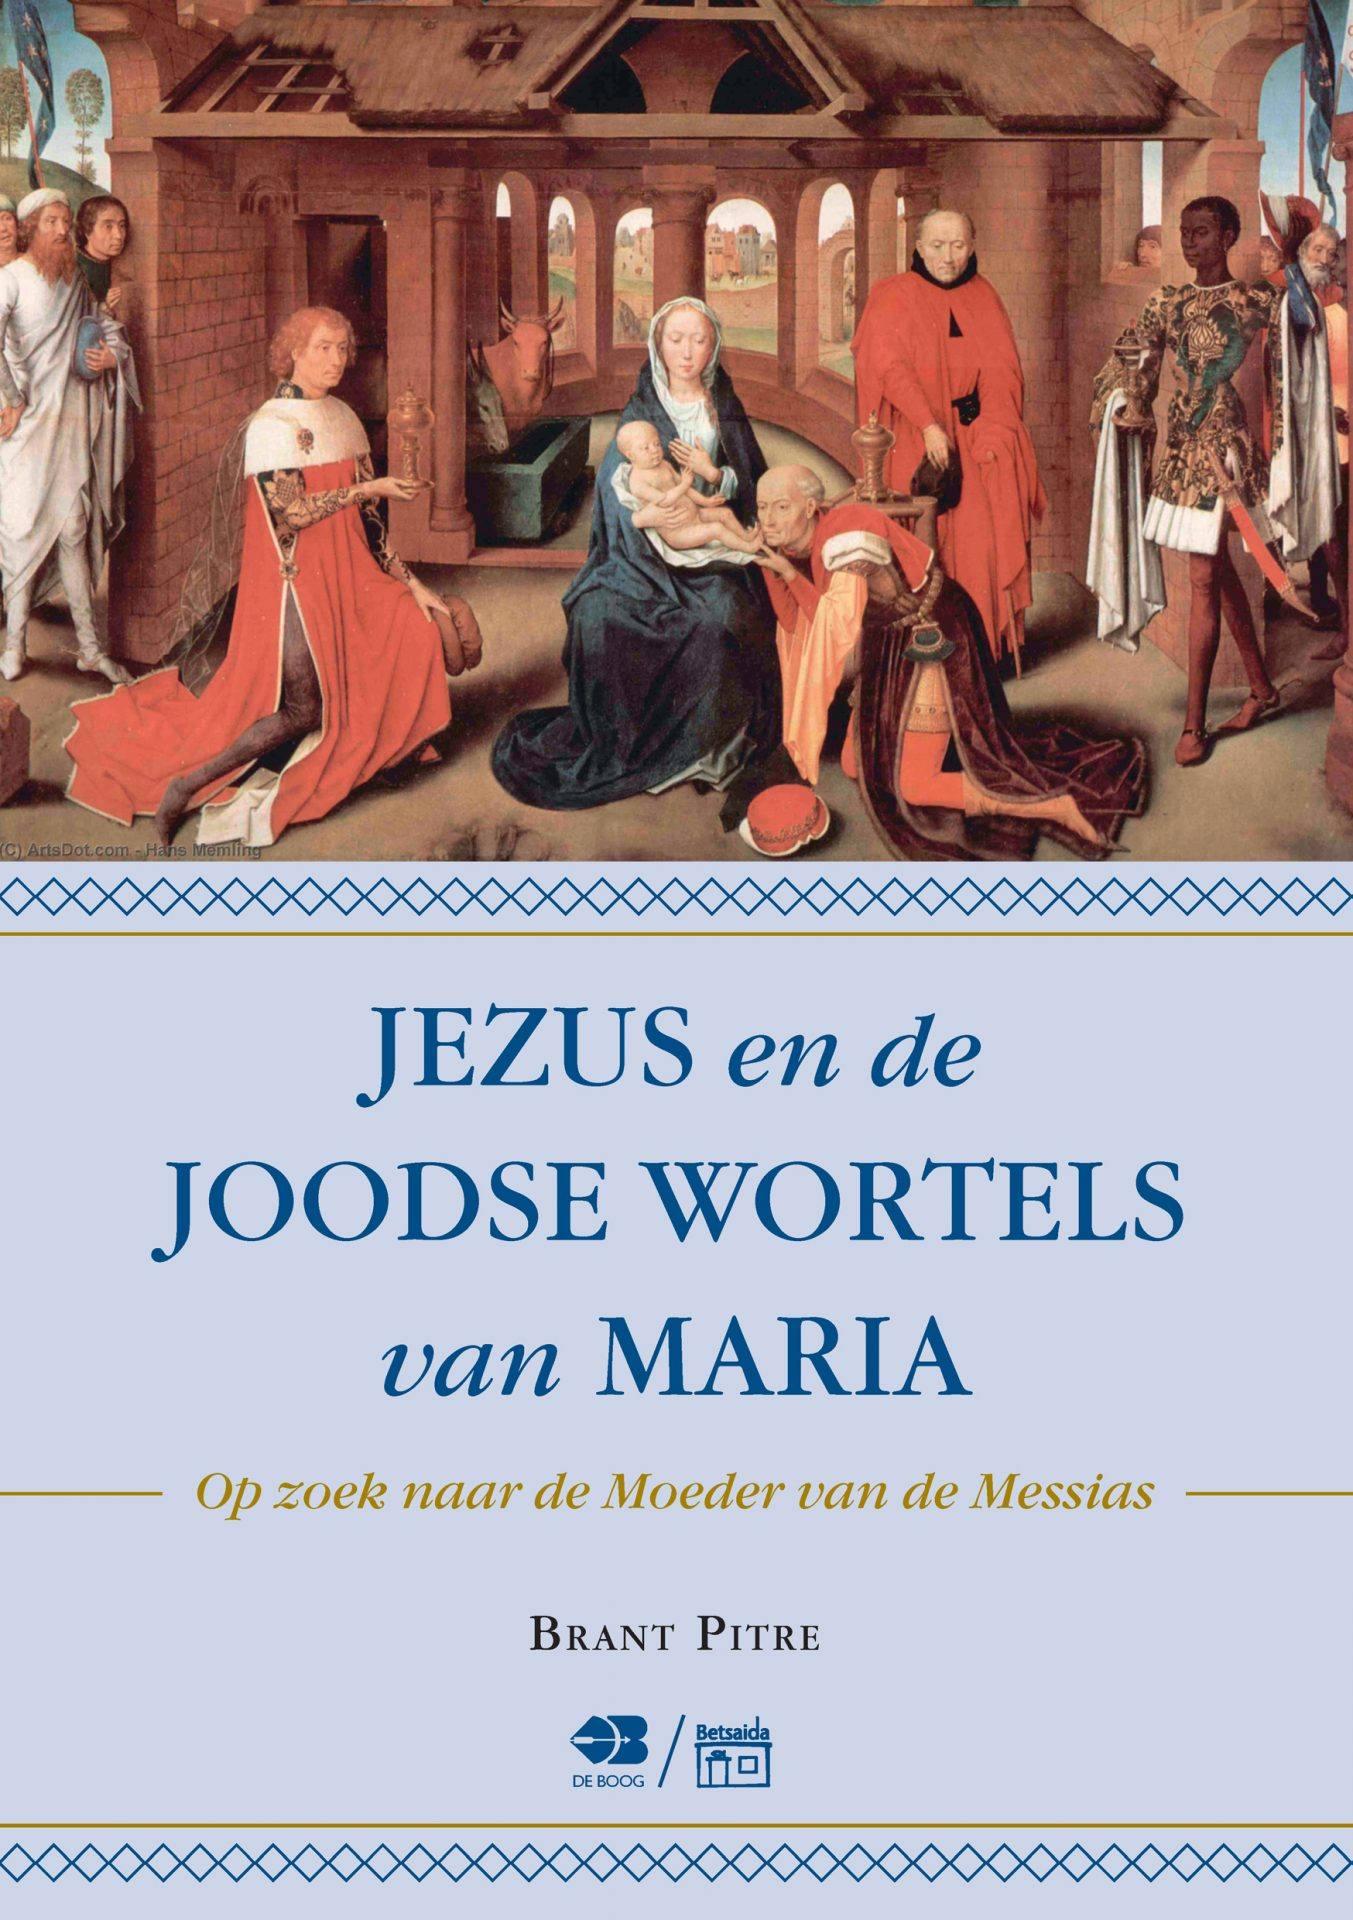 kaft Jezus en de joodse wortels van Maria - website